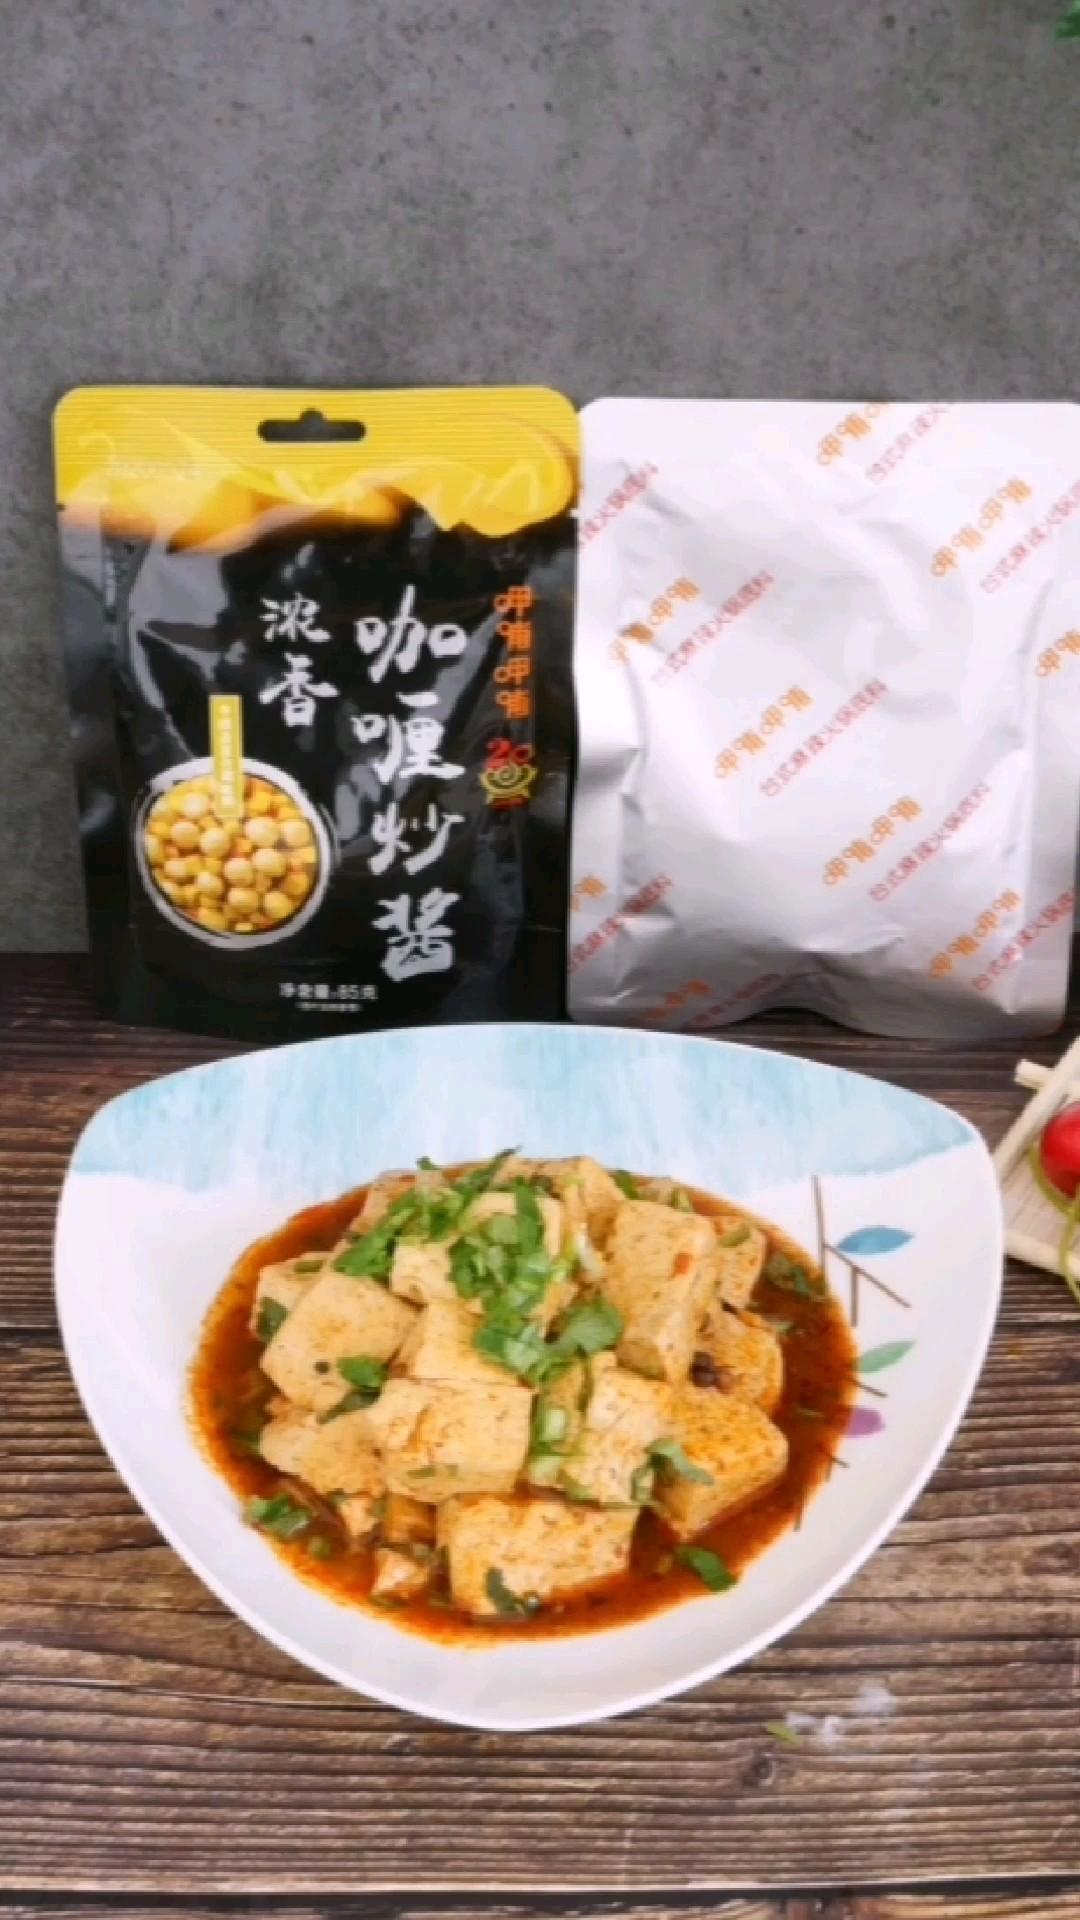 呷哺调料:麻婆豆腐的做法【步骤图】